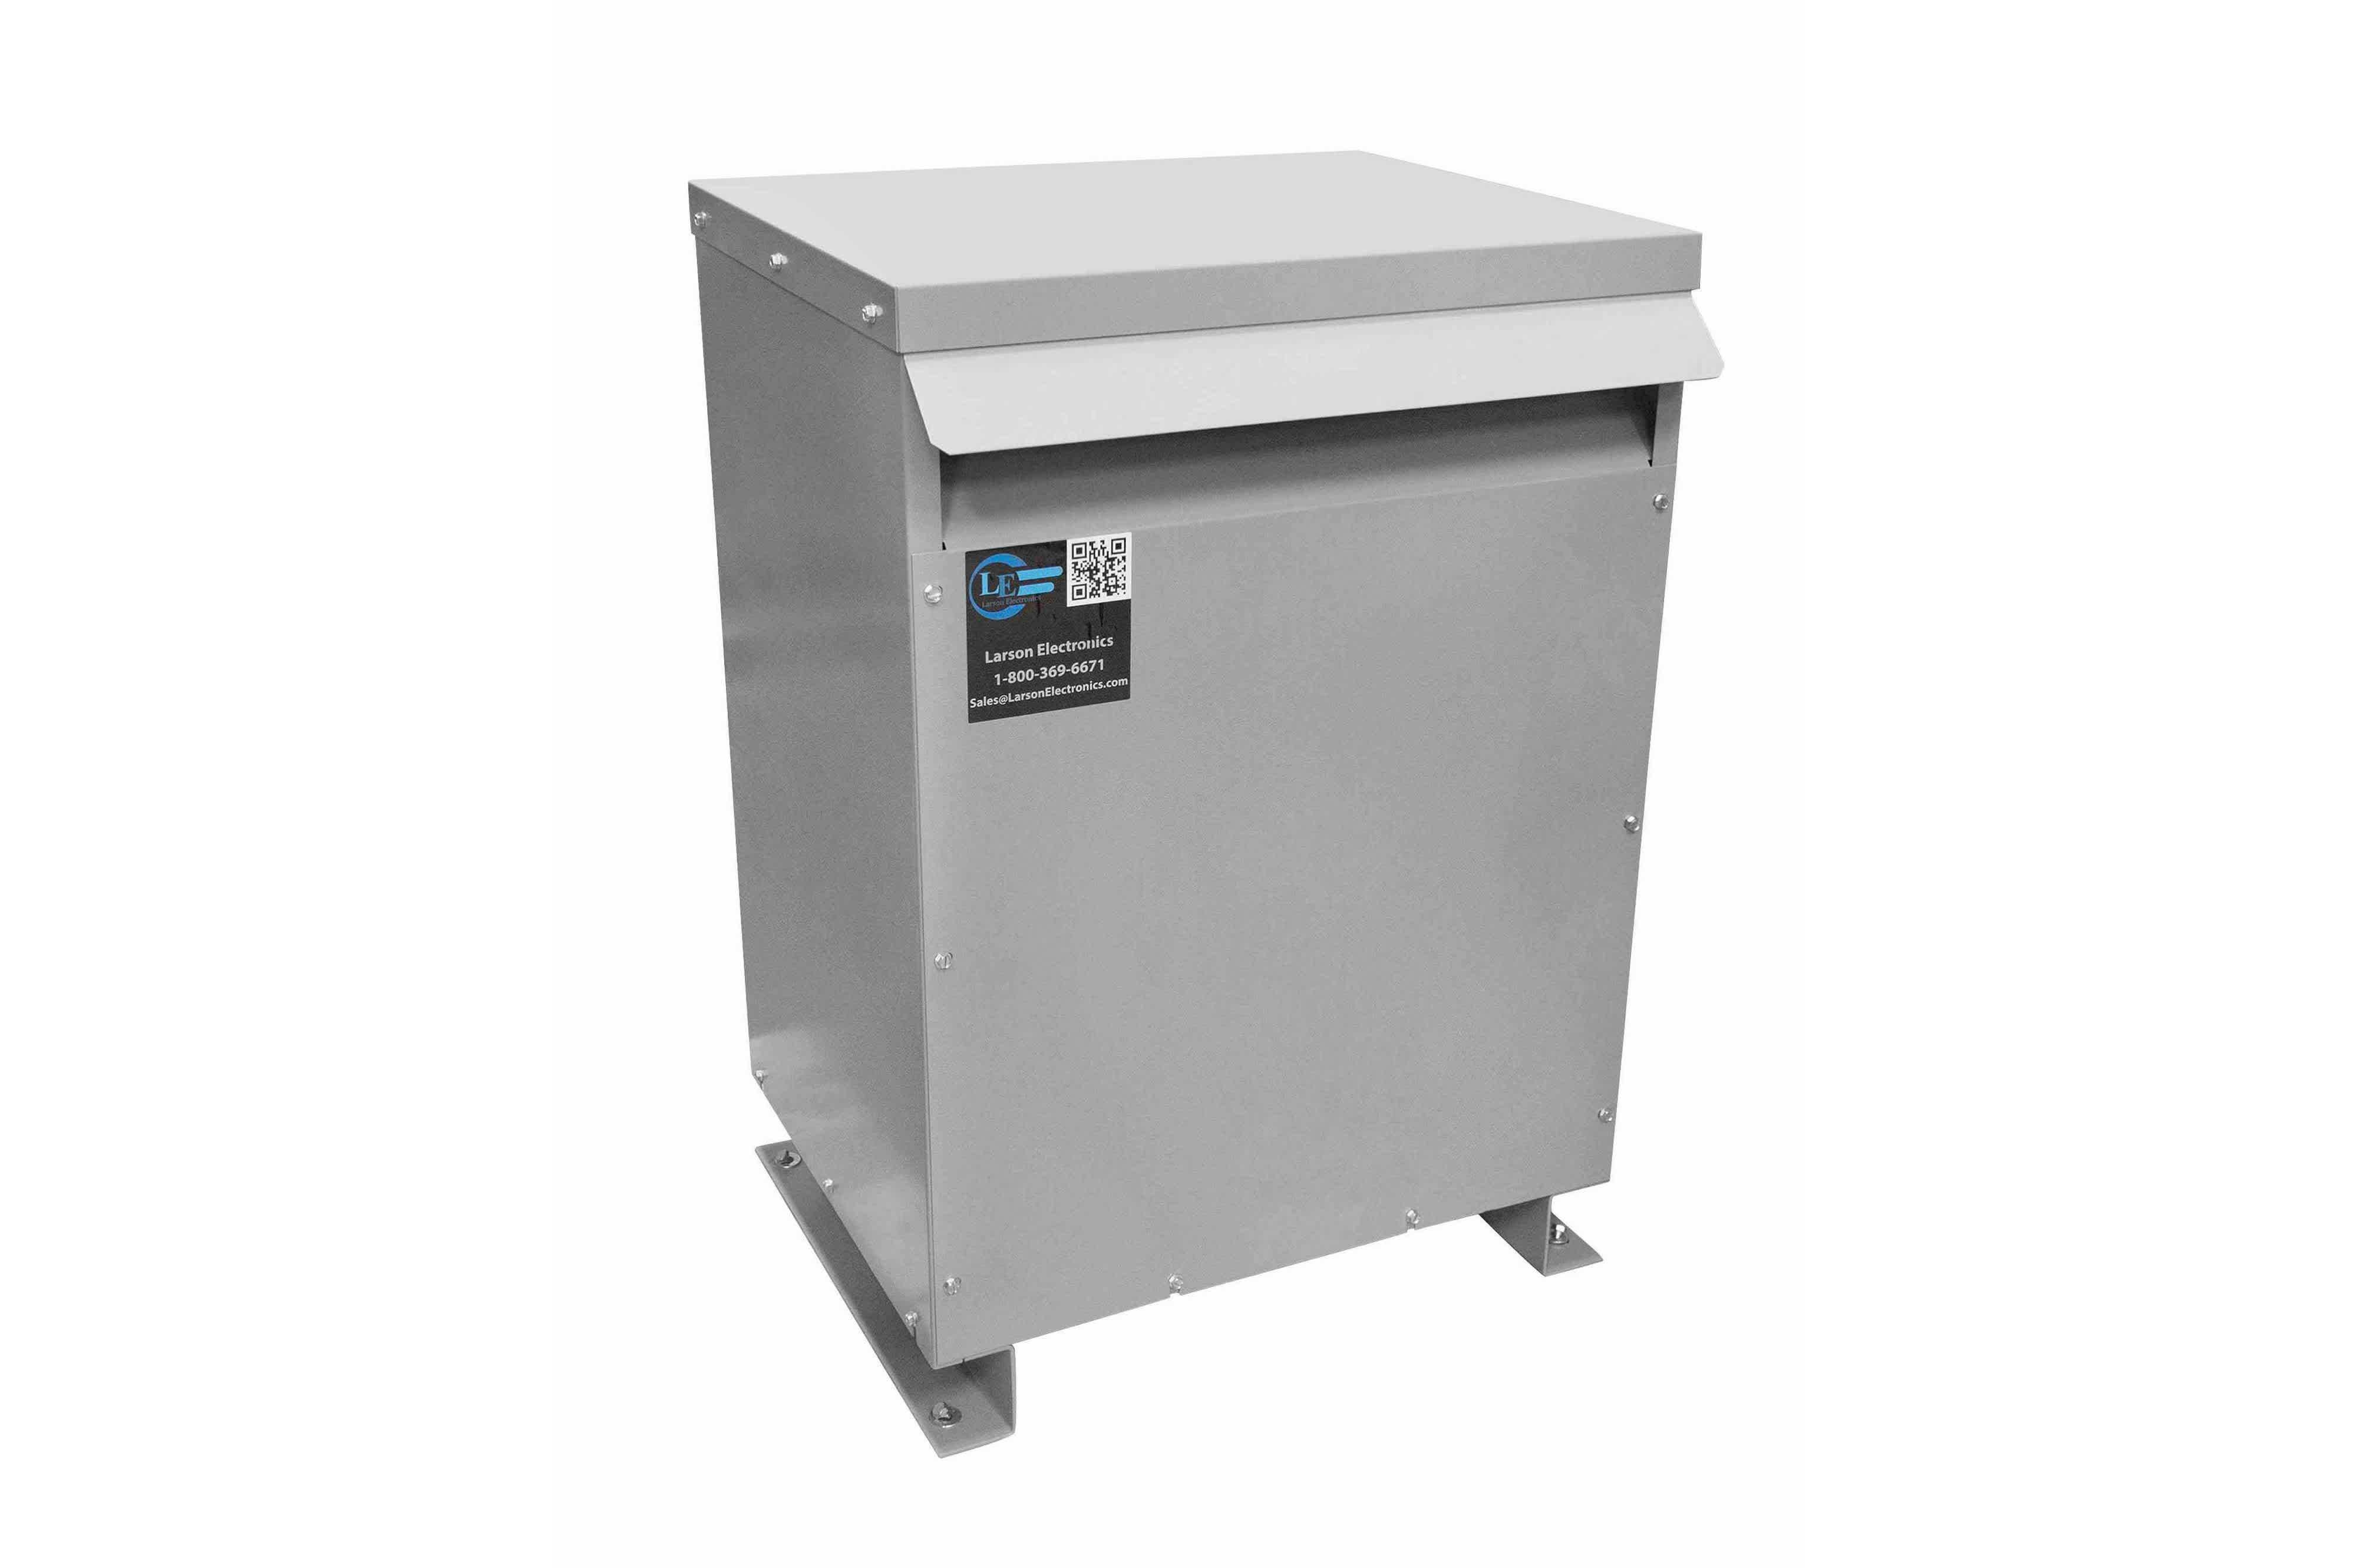 26 kVA 3PH Isolation Transformer, 460V Delta Primary, 415V Delta Secondary, N3R, Ventilated, 60 Hz